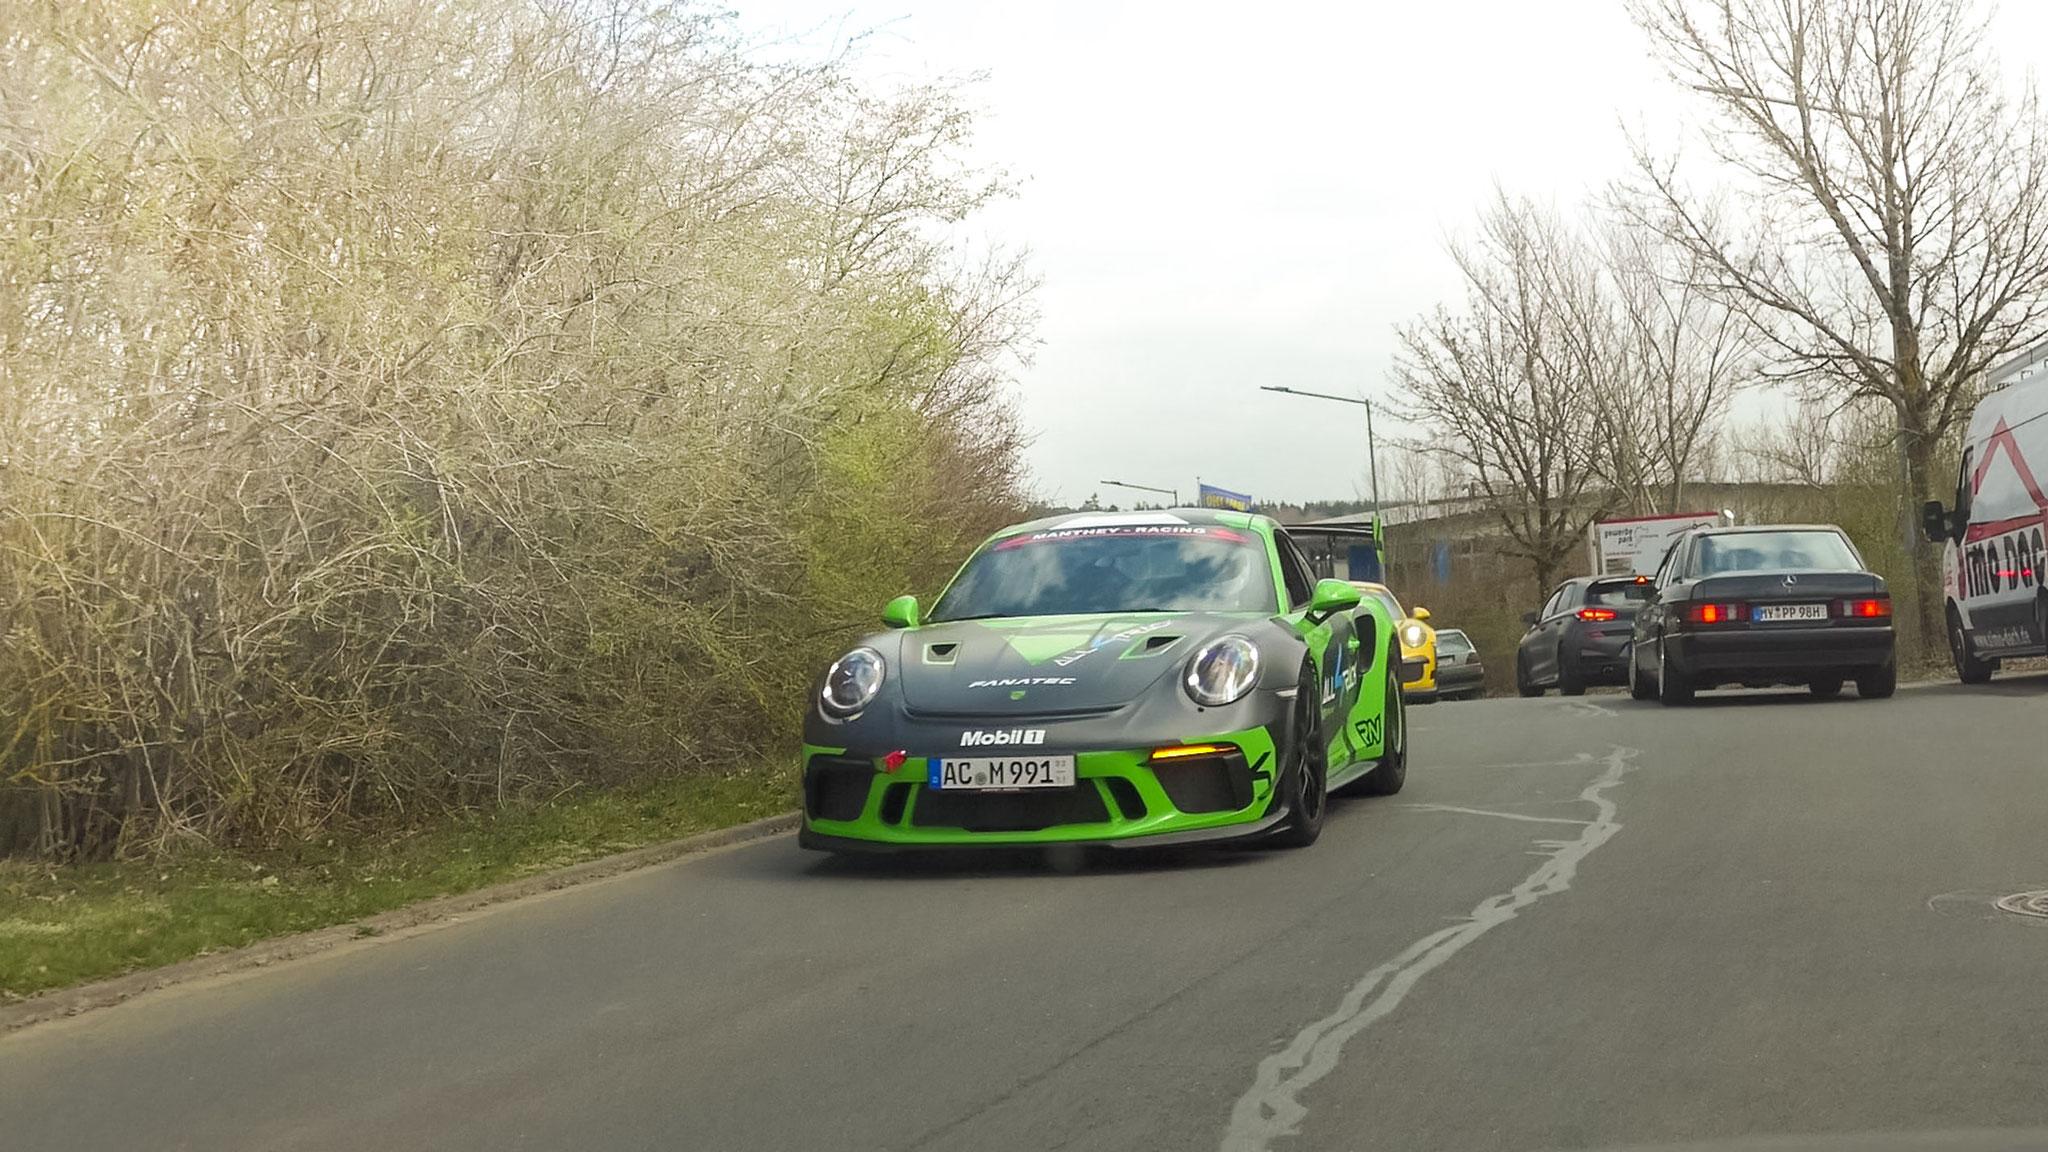 Porsche 911 991.2 GT3 RS - AC-M-991